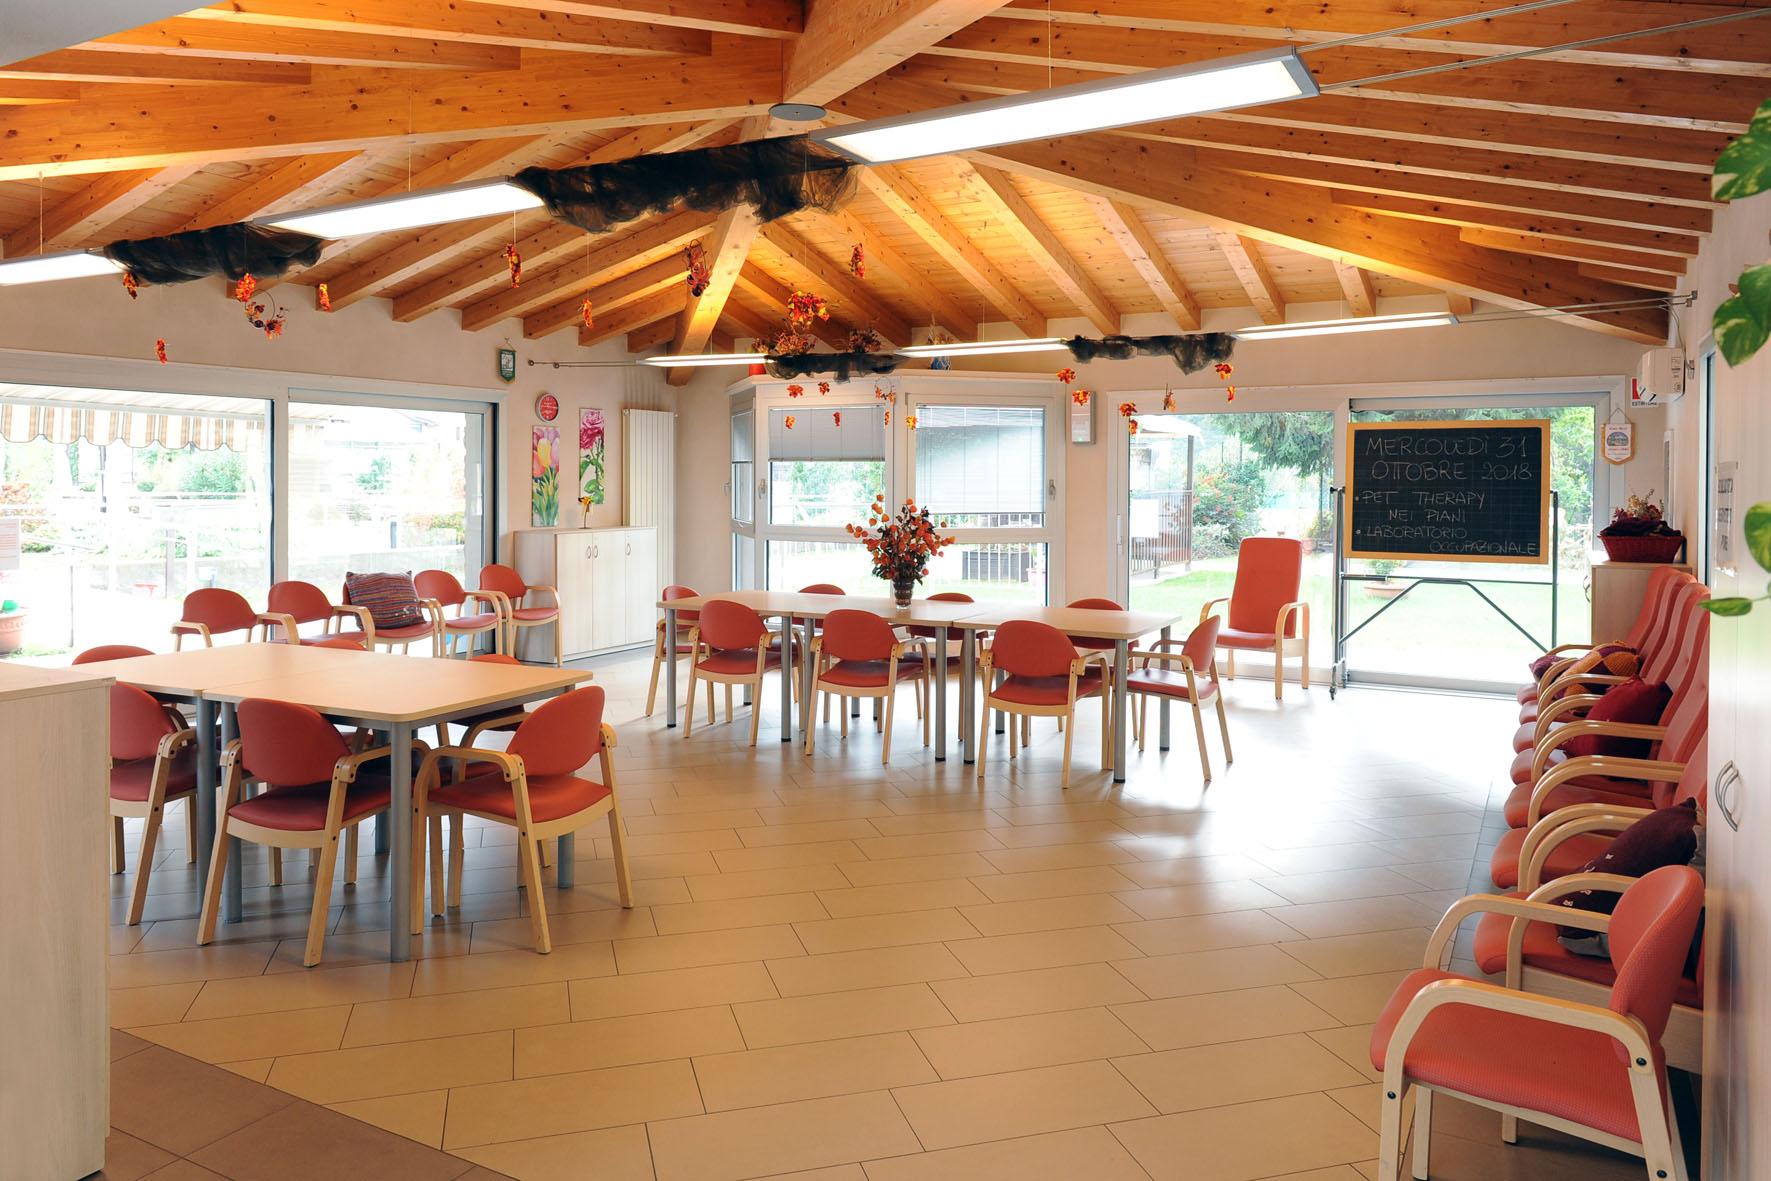 fondazione ninj Beccagutti CDI centro diurno integrato (2)